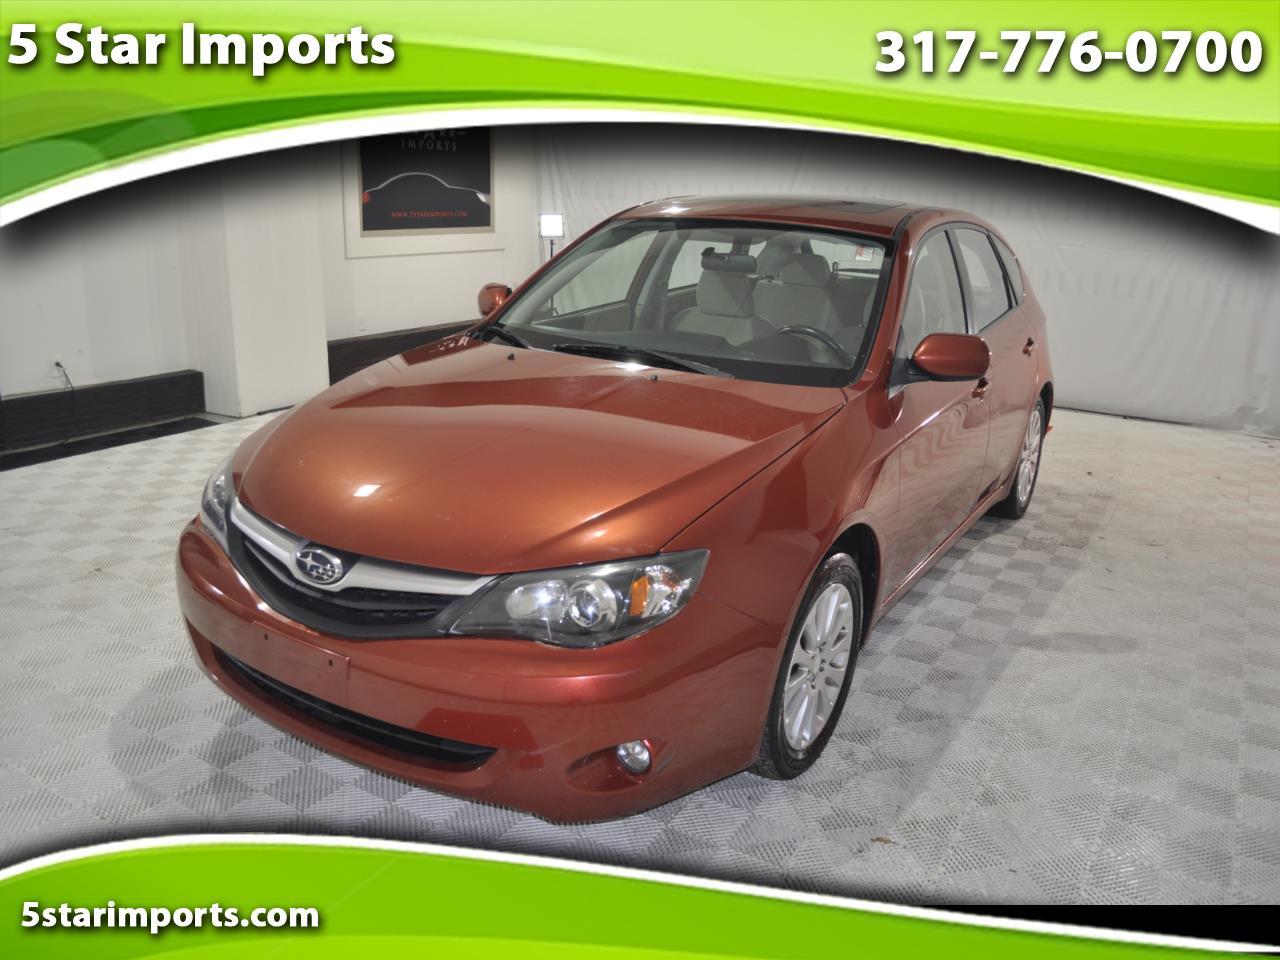 Subaru Impreza 2.5i Premium 5-Door 2010